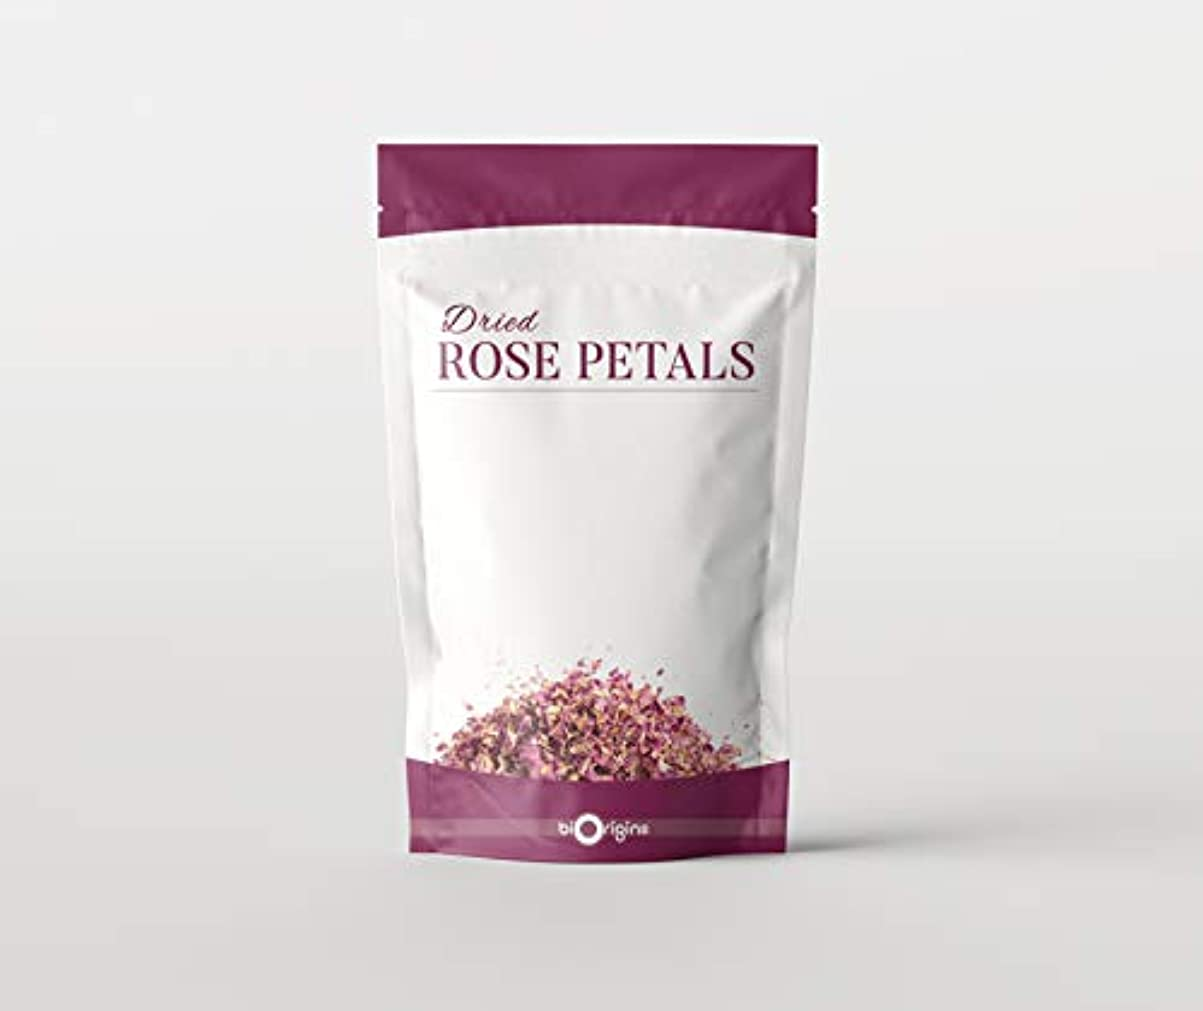 カウンターパート心理学ドラゴンDried Rose Petals - 100g